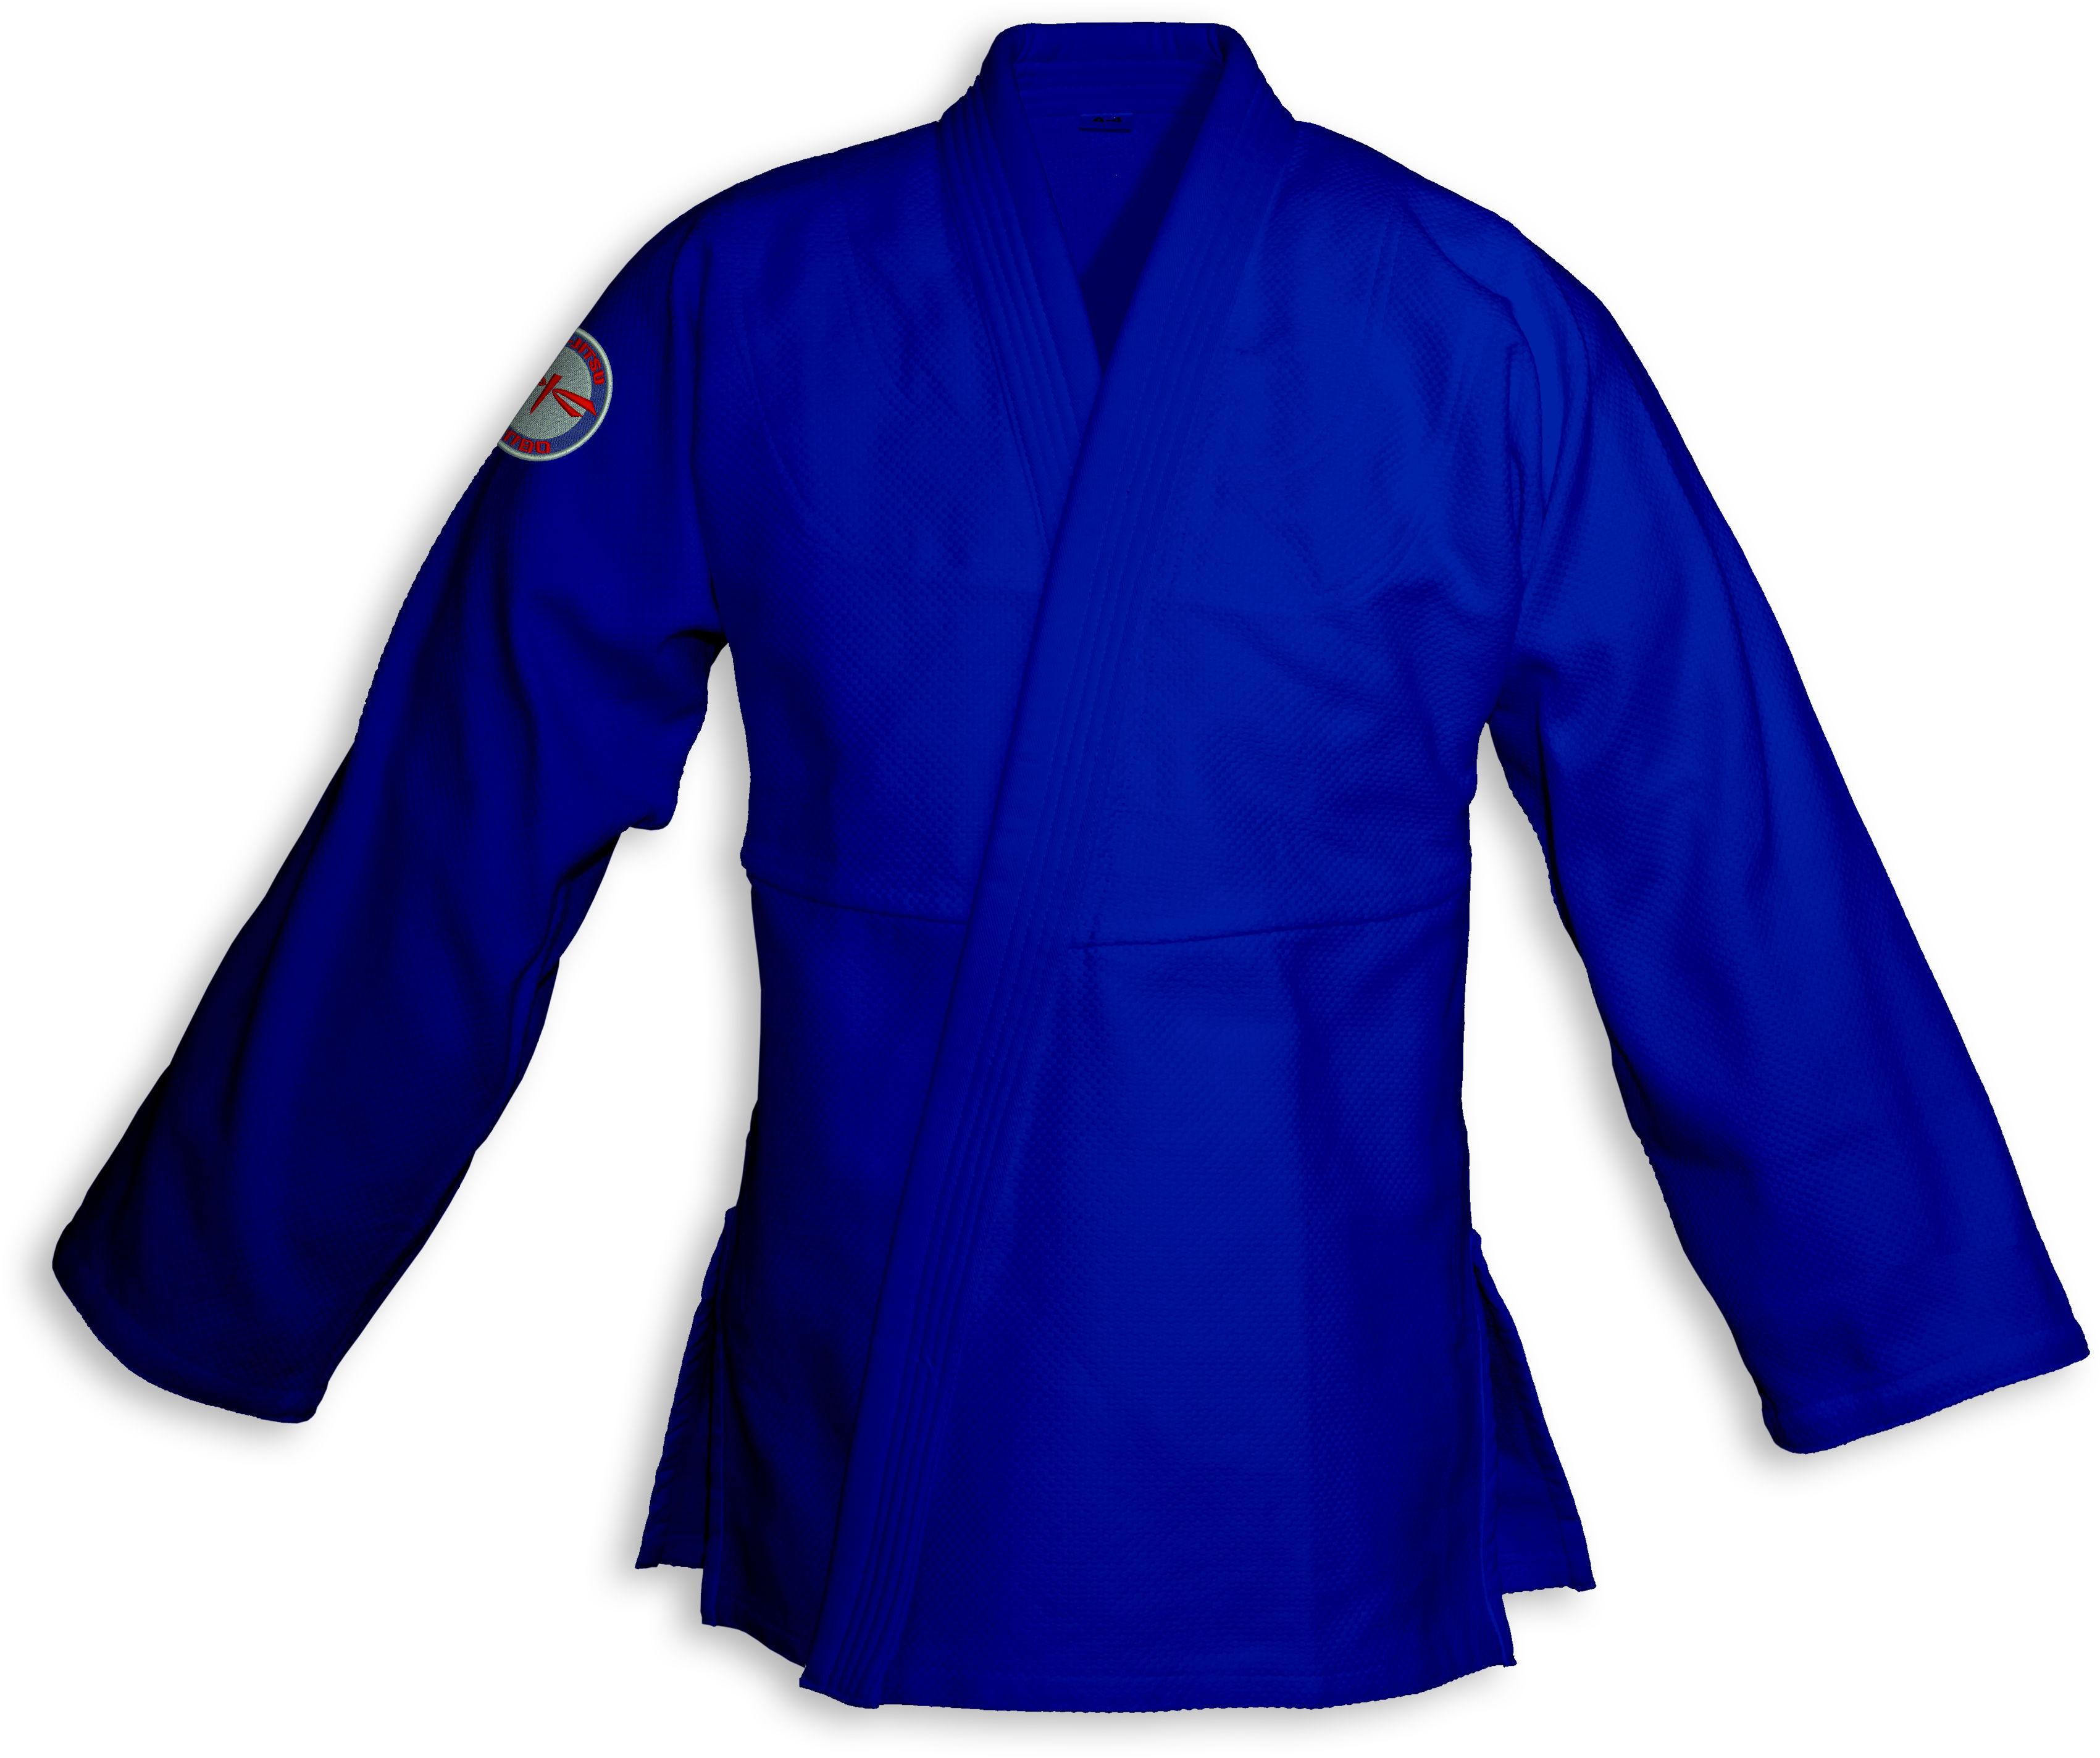 bluza BJJ / Jiu-Jitsu NAKED, niebieska, 580g/m2 (27 rozmiarów)